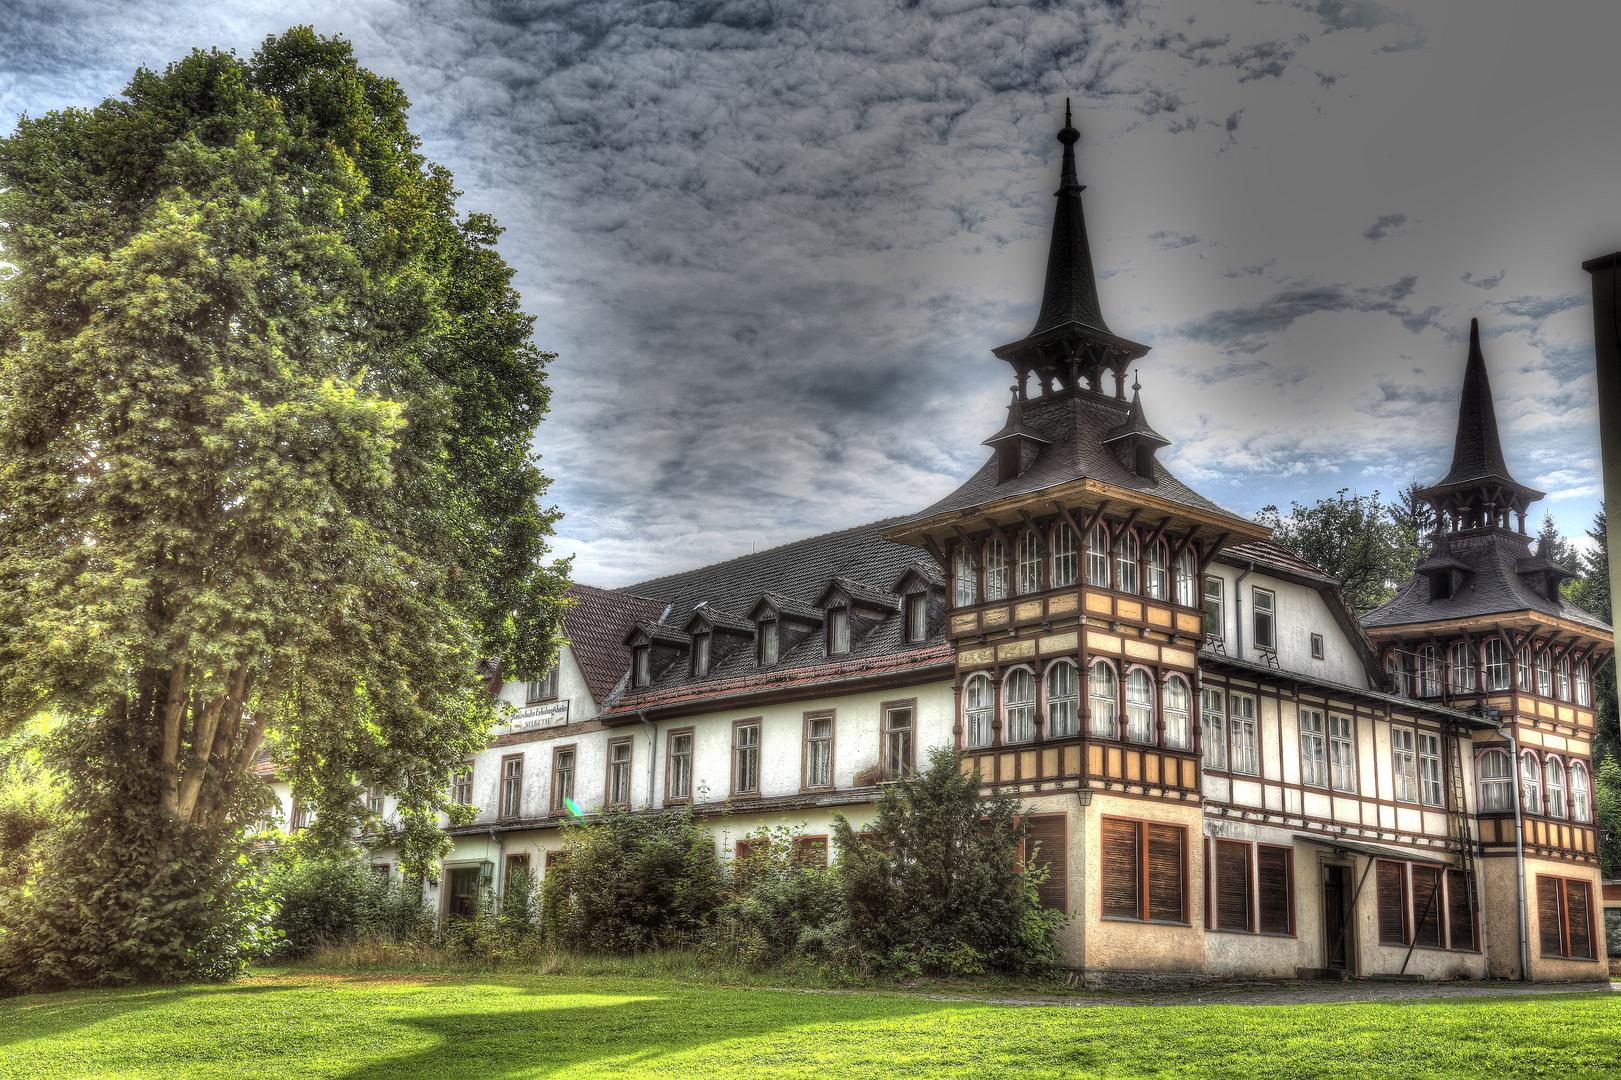 Wunderschönes,nicht mehr genutztes,Reichsbahn Erholungsheim im Harz